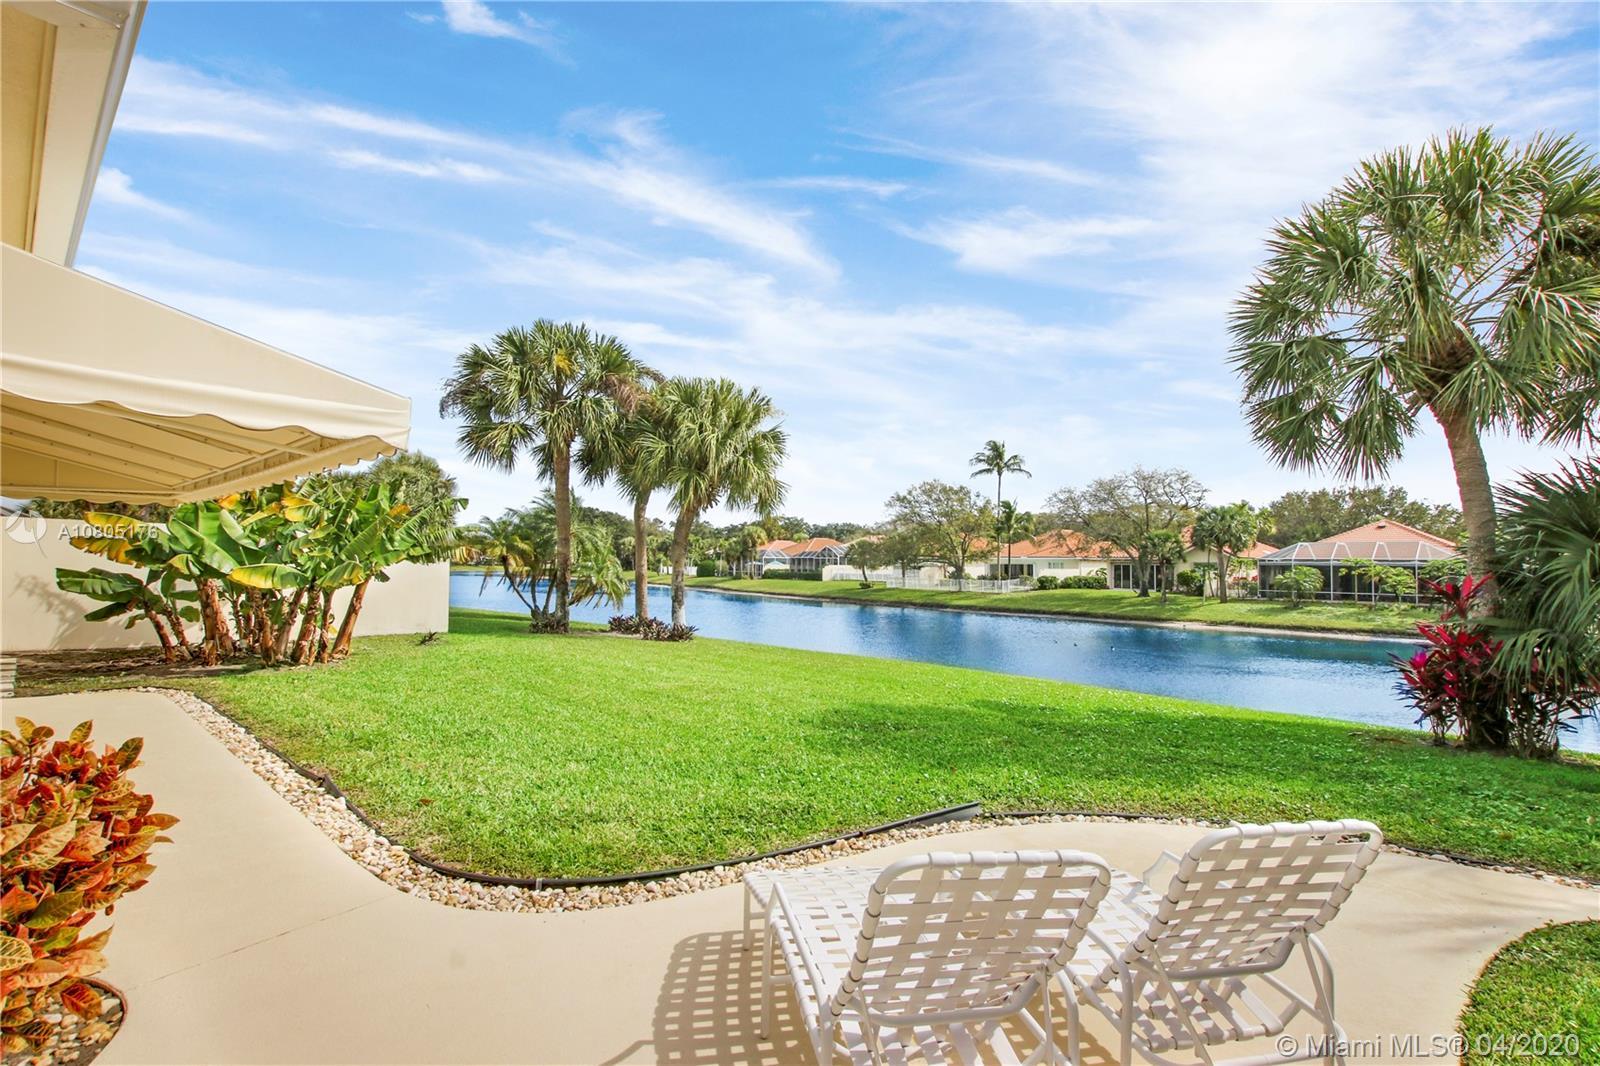 147 E Tall Oaks Cir, Palm Beach Gardens, FL 33410